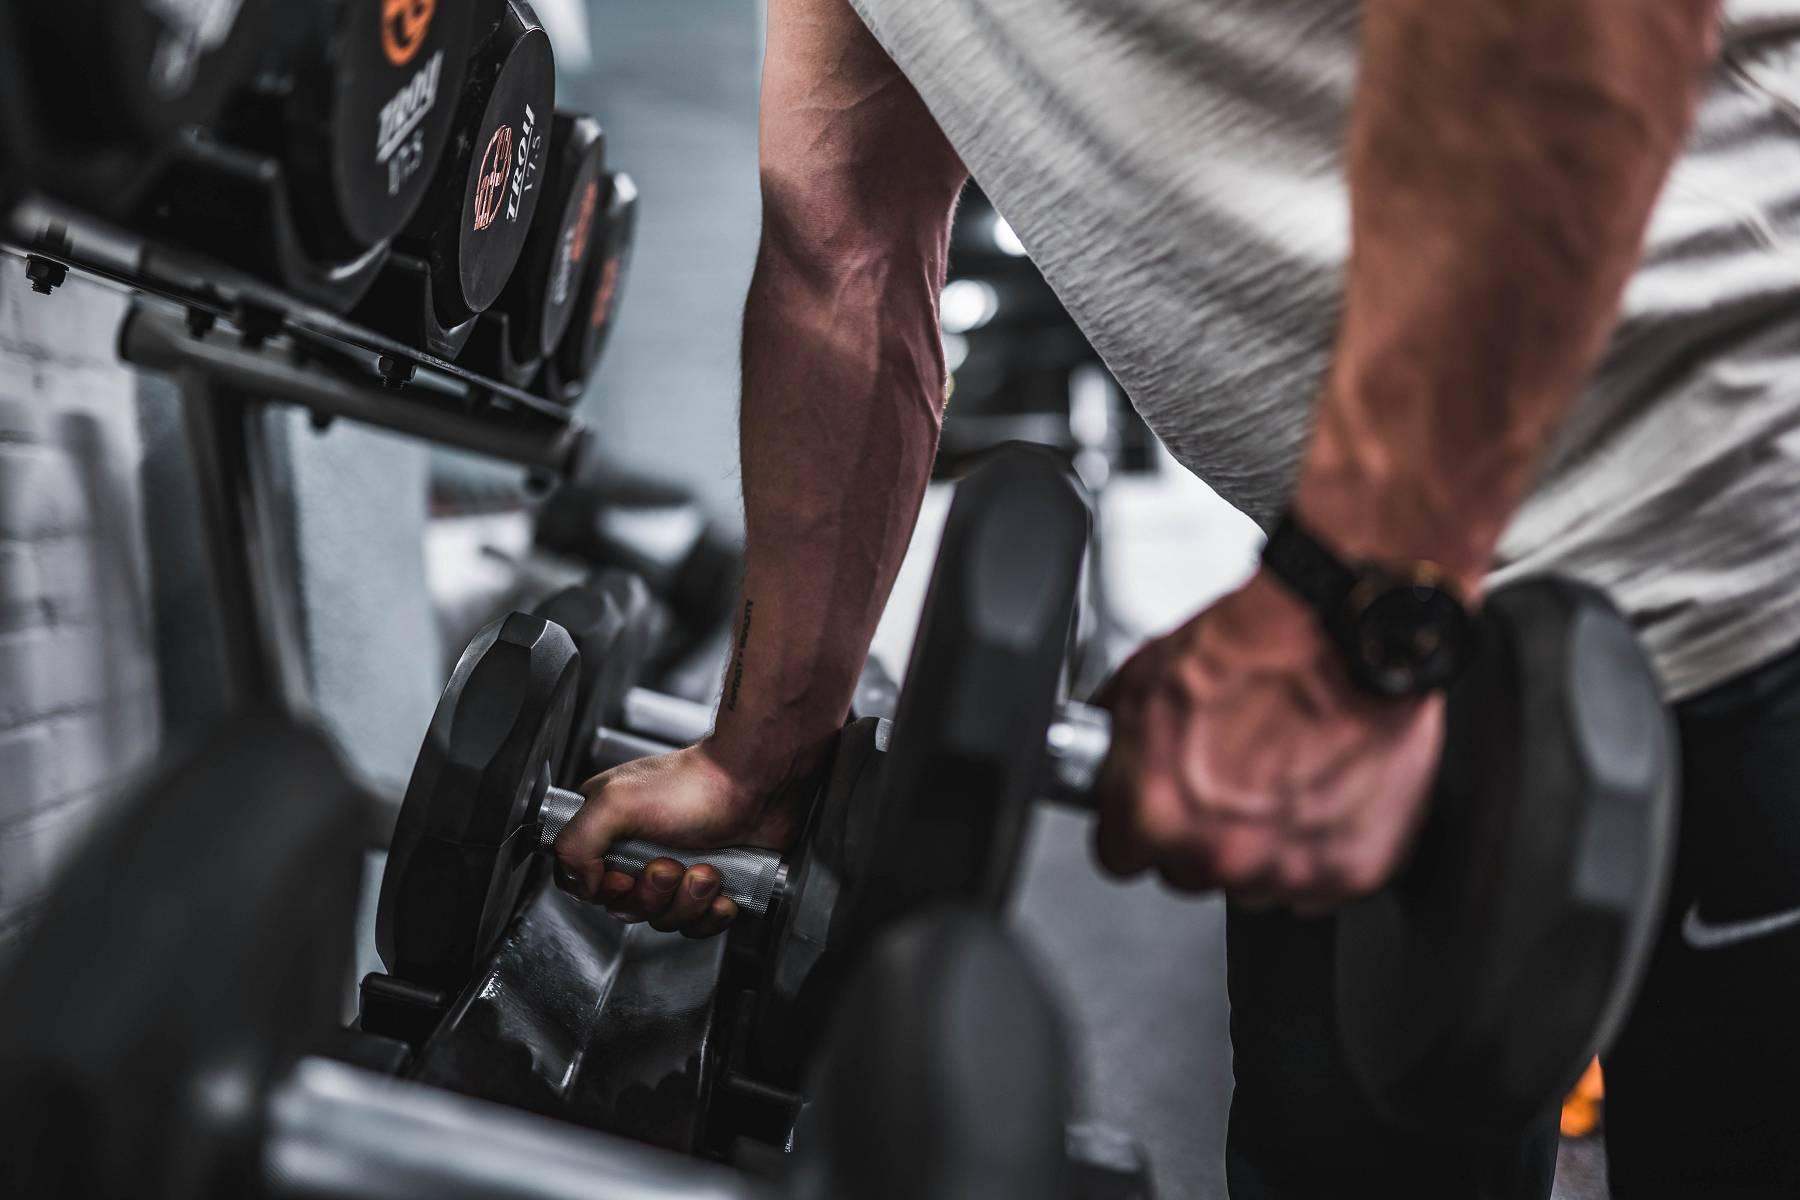 Wie du dich bei längeren Workouts mit Energie versorgst